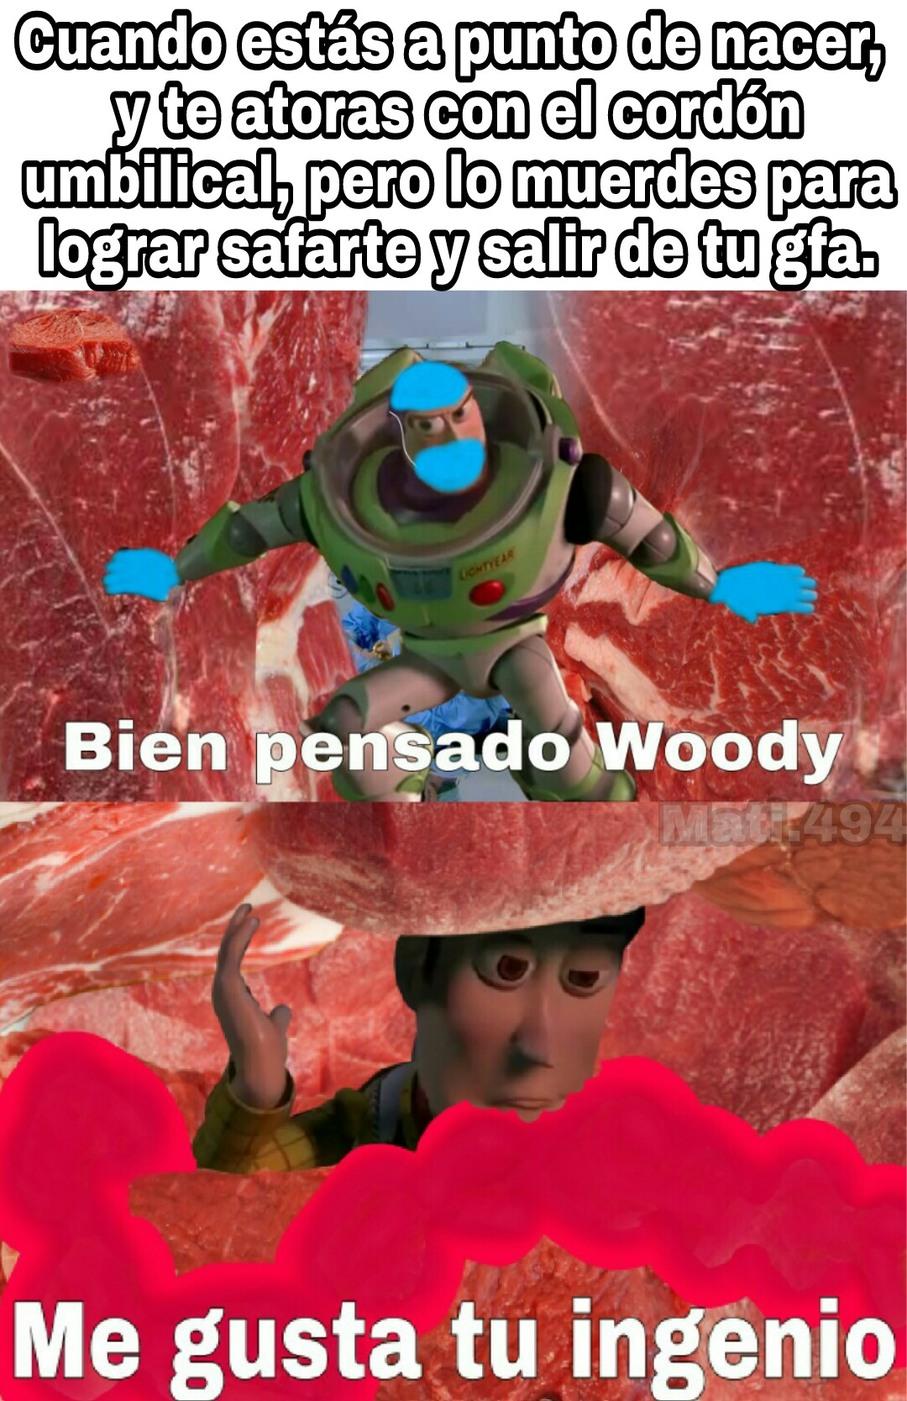 Meme original, espero les guste :)